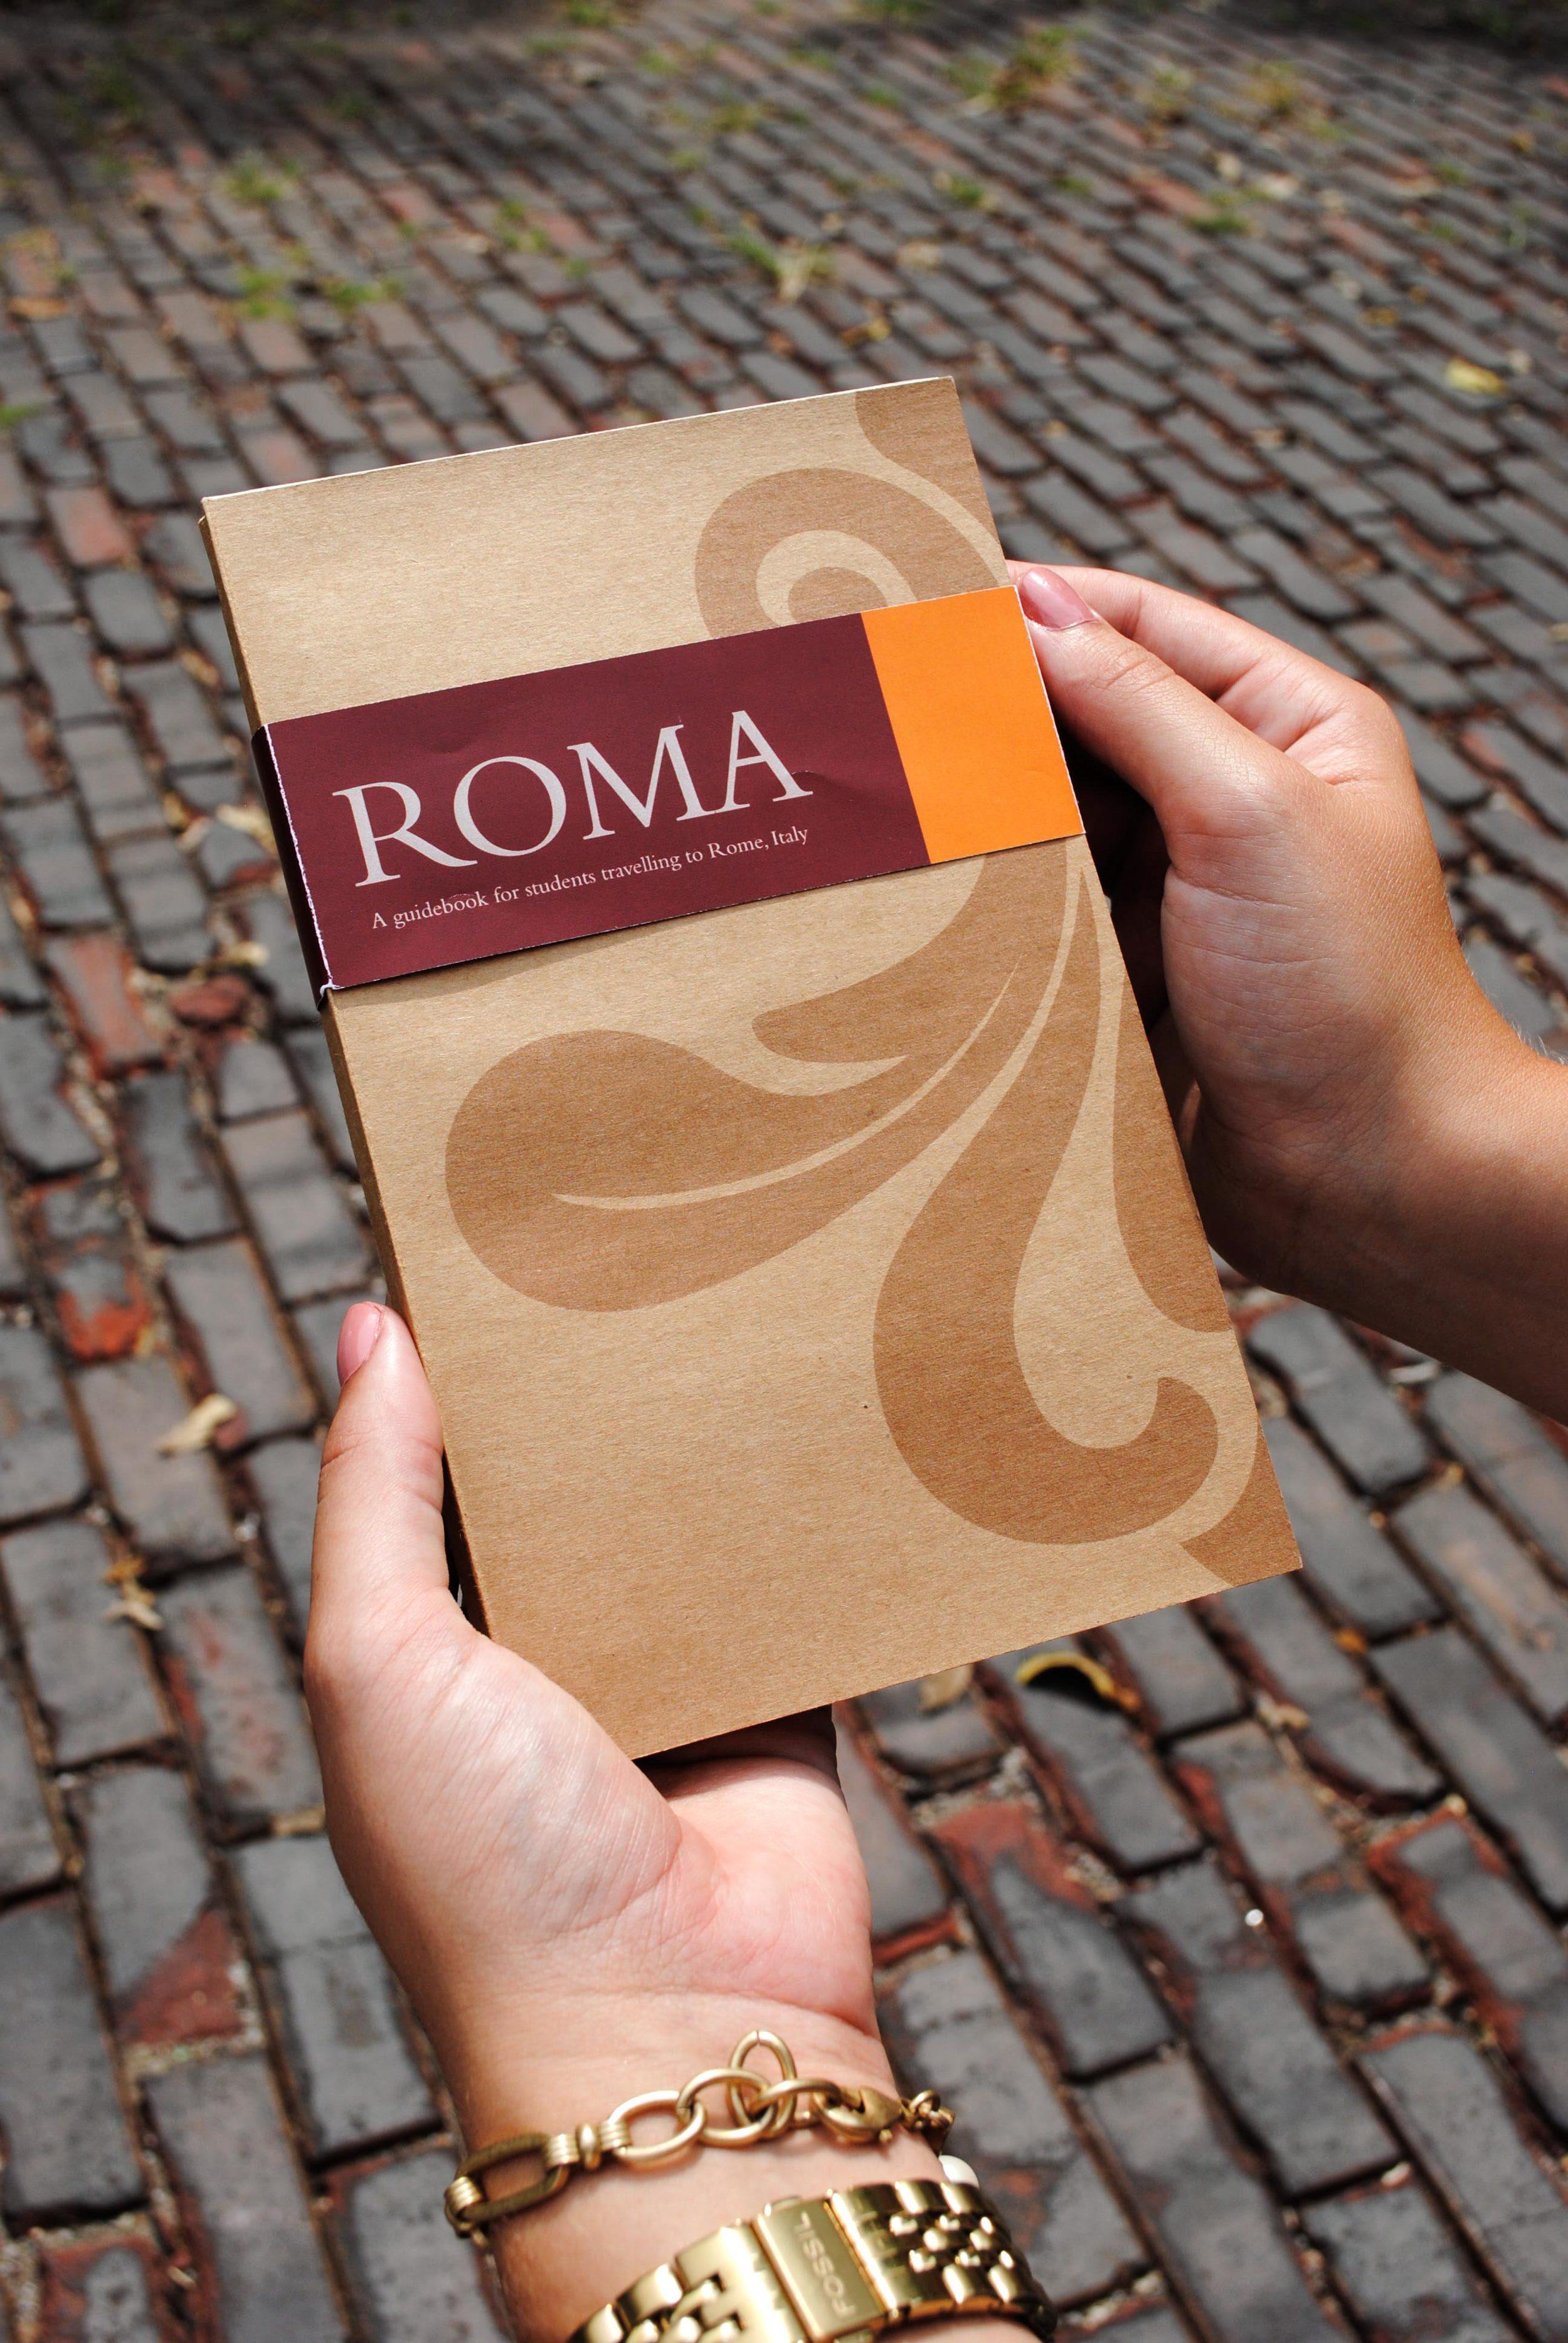 Rome-cover.jpg